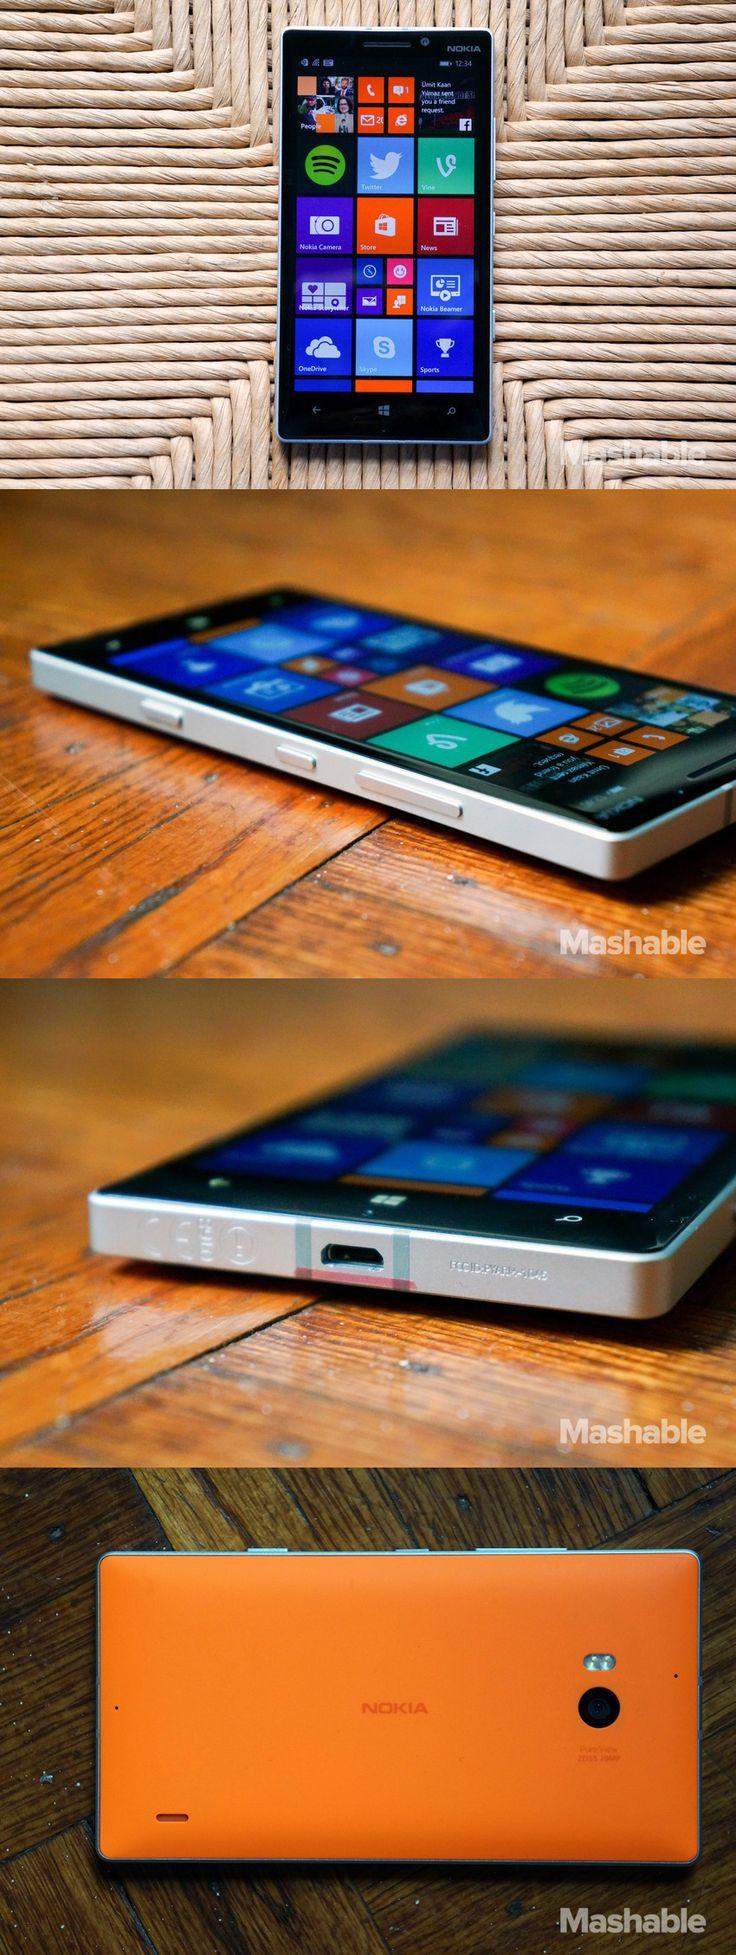 The Nokia Lumia 930.